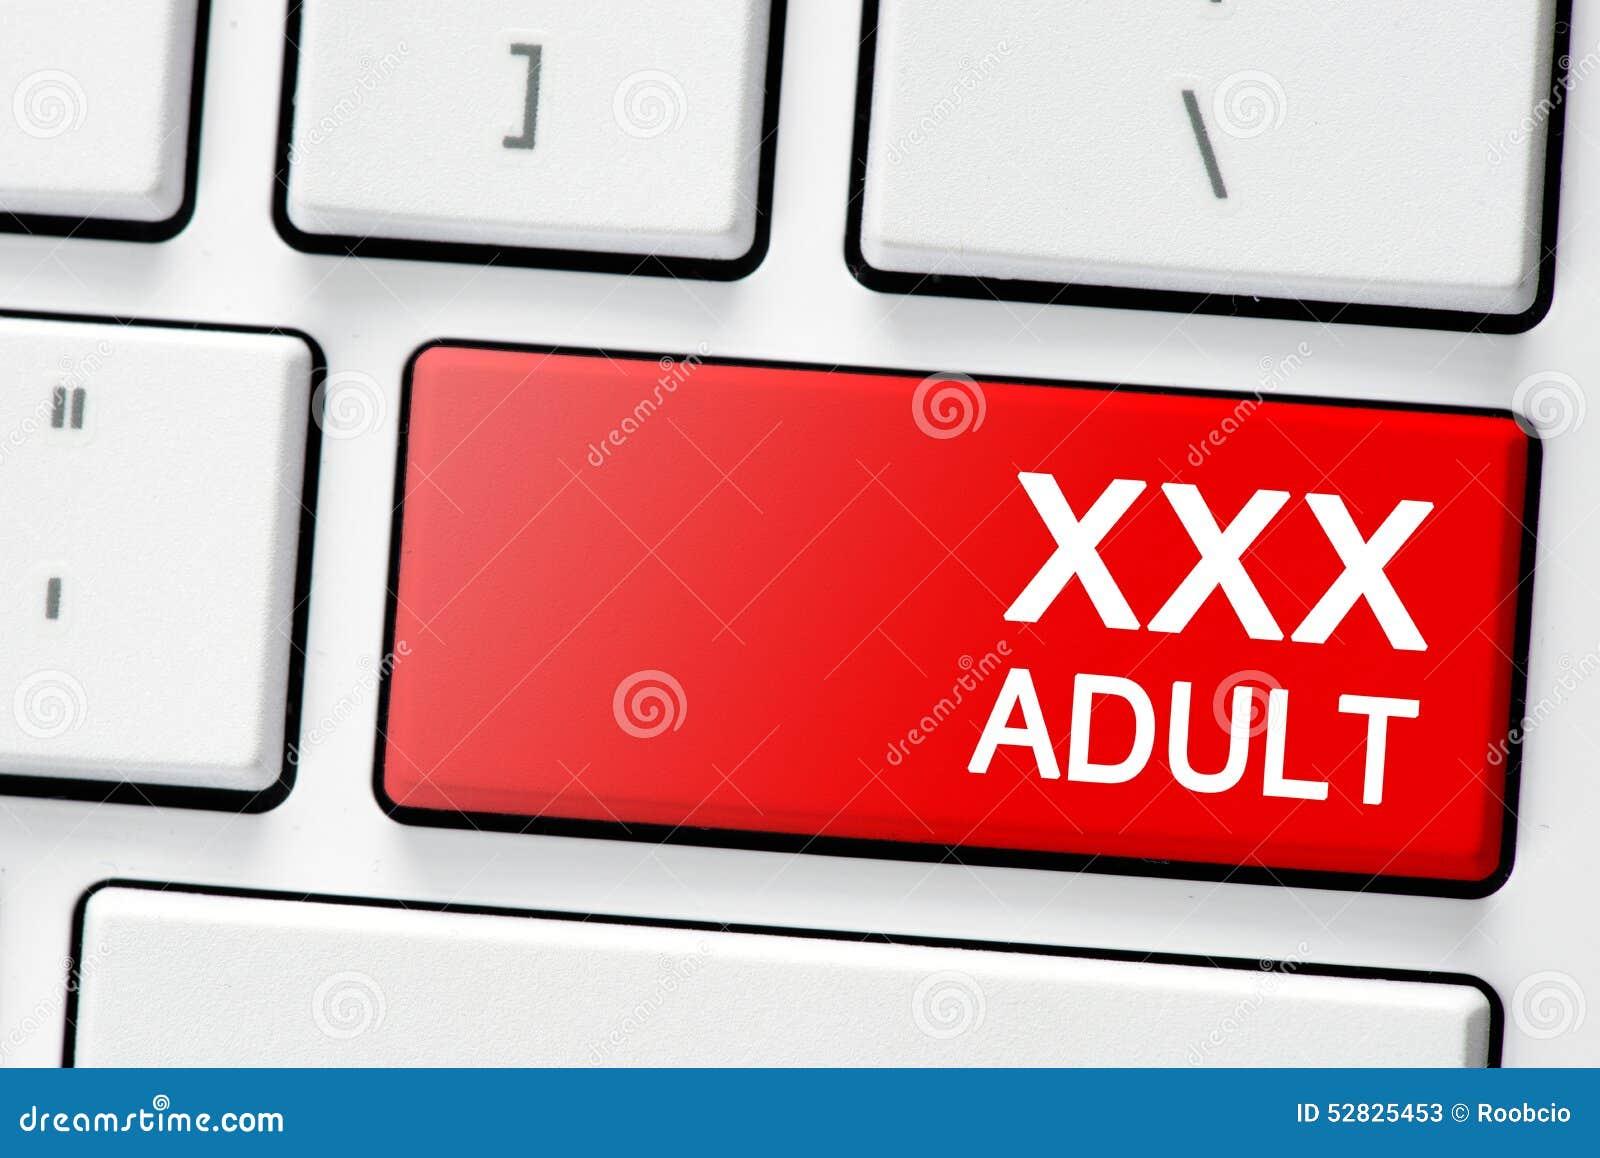 Xxx Computer 36